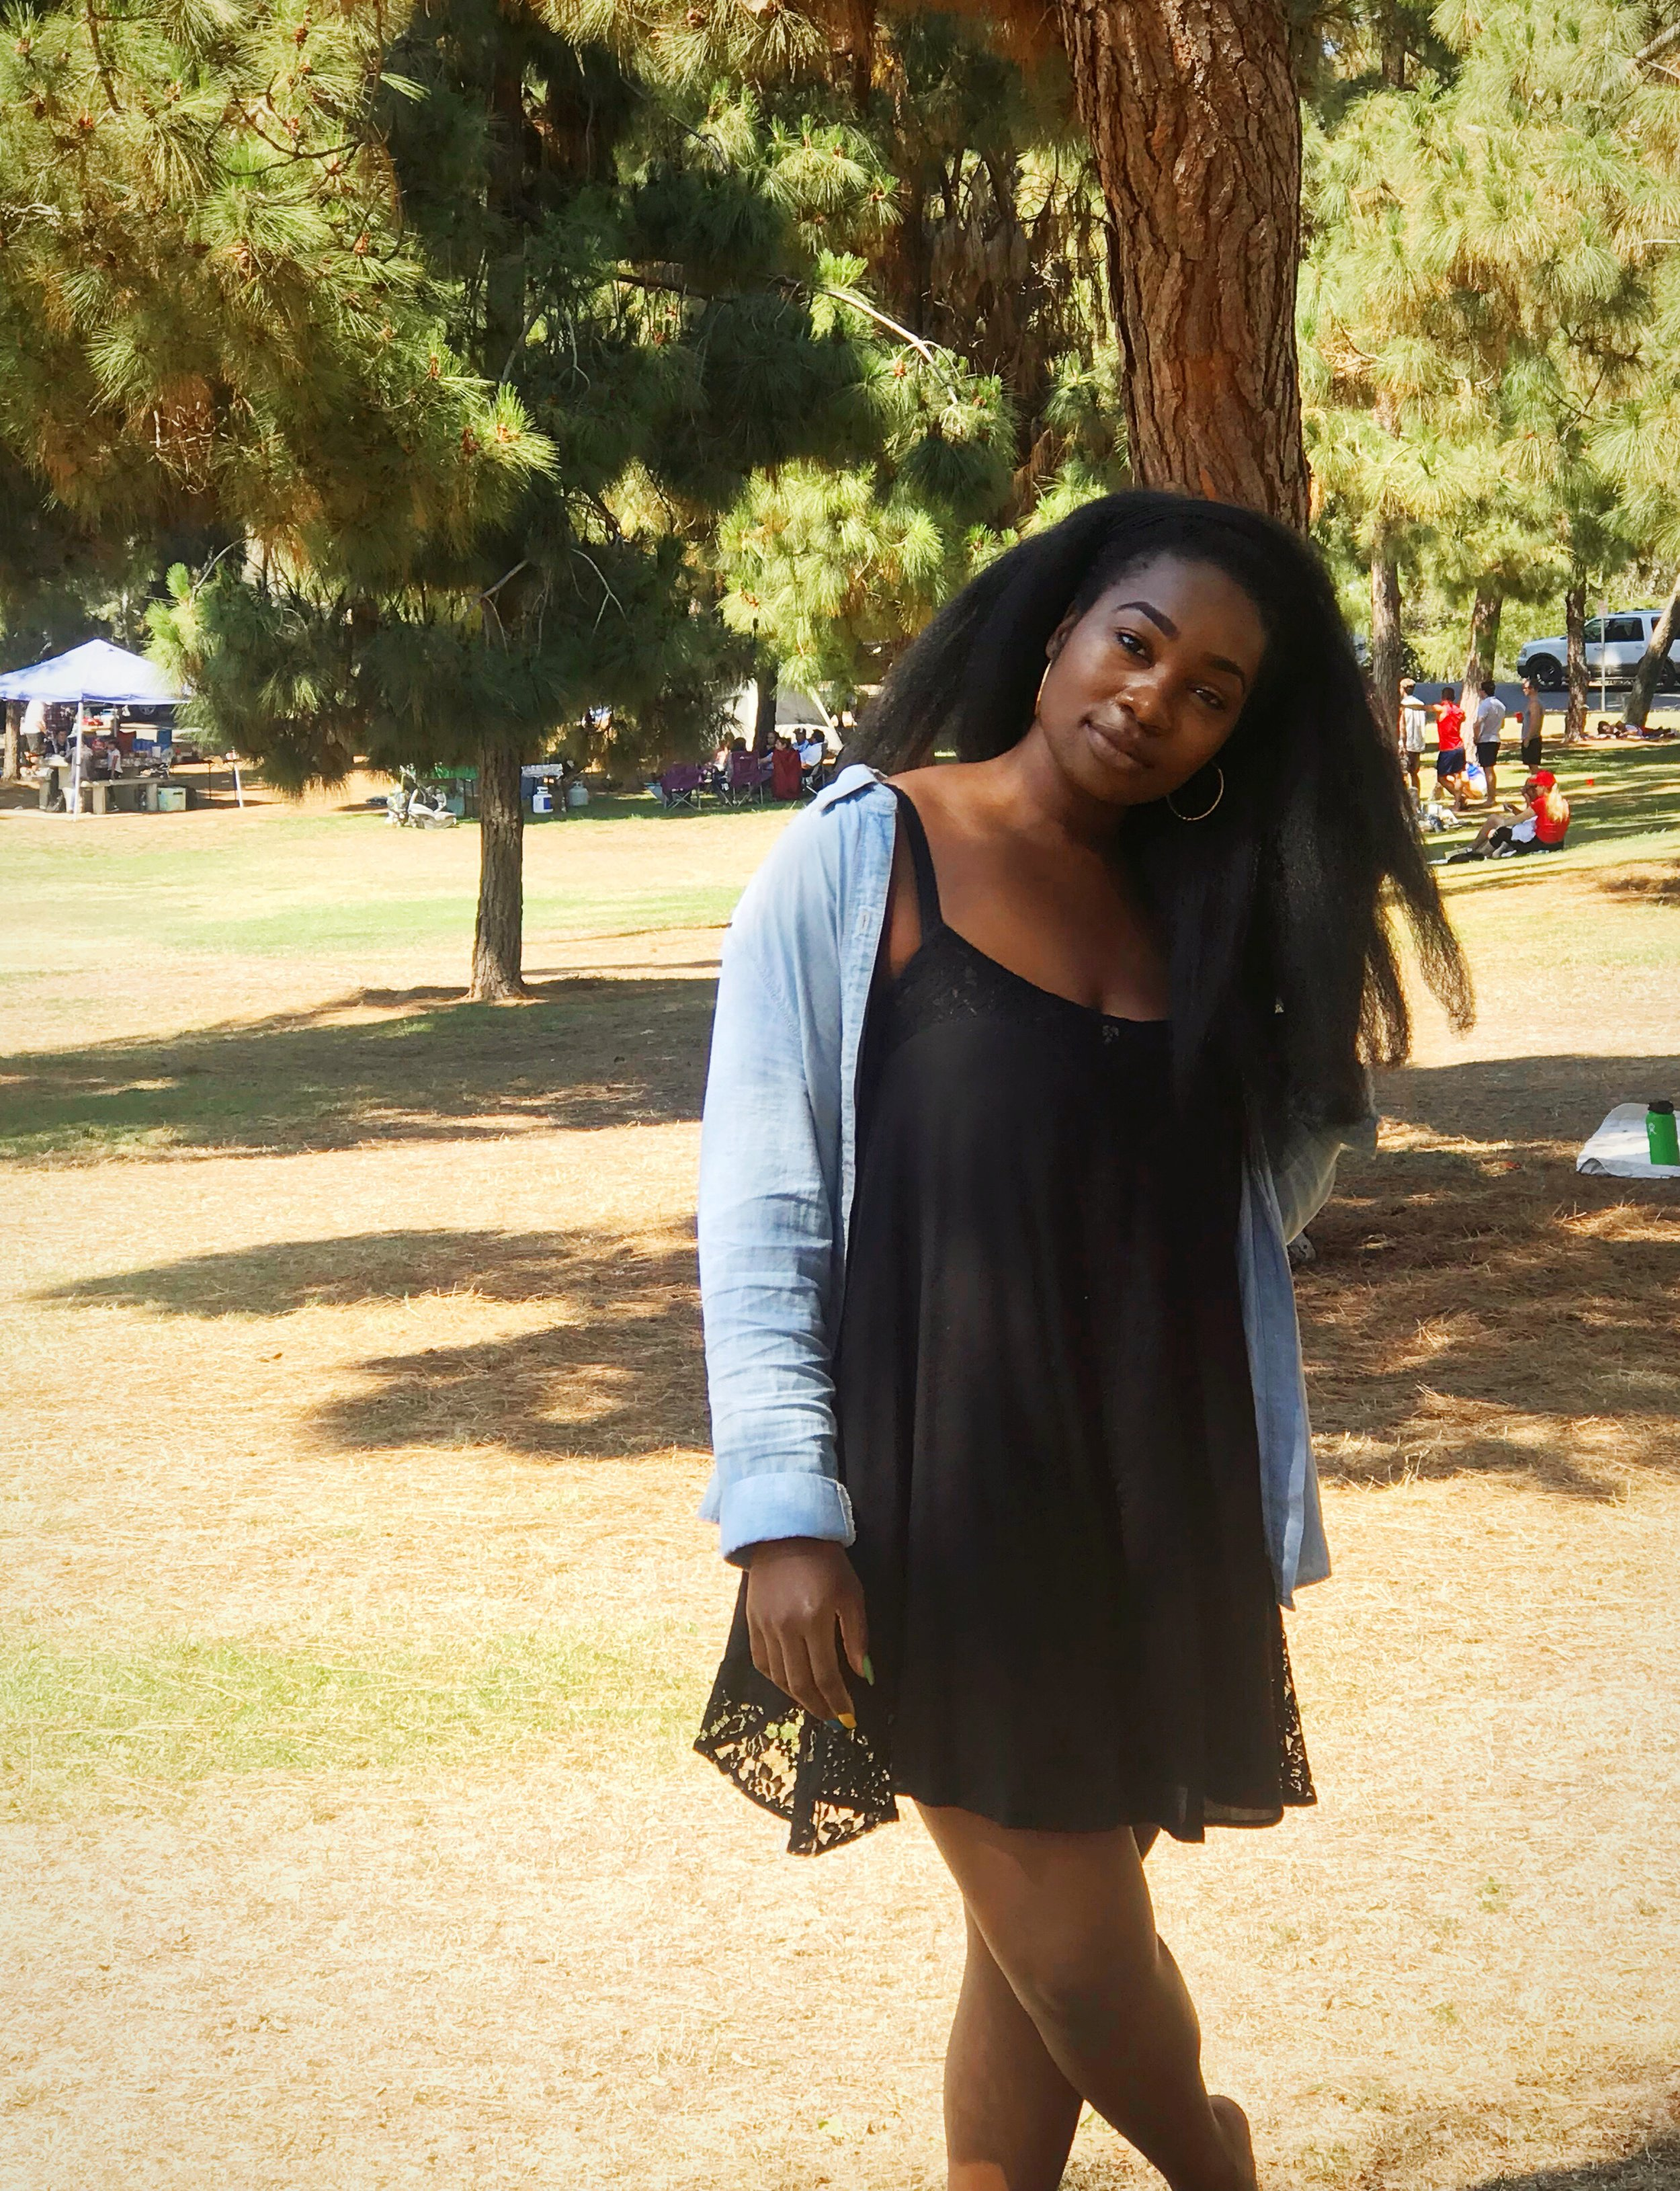 Image: Femi in black dress and chambray in Presidio Park